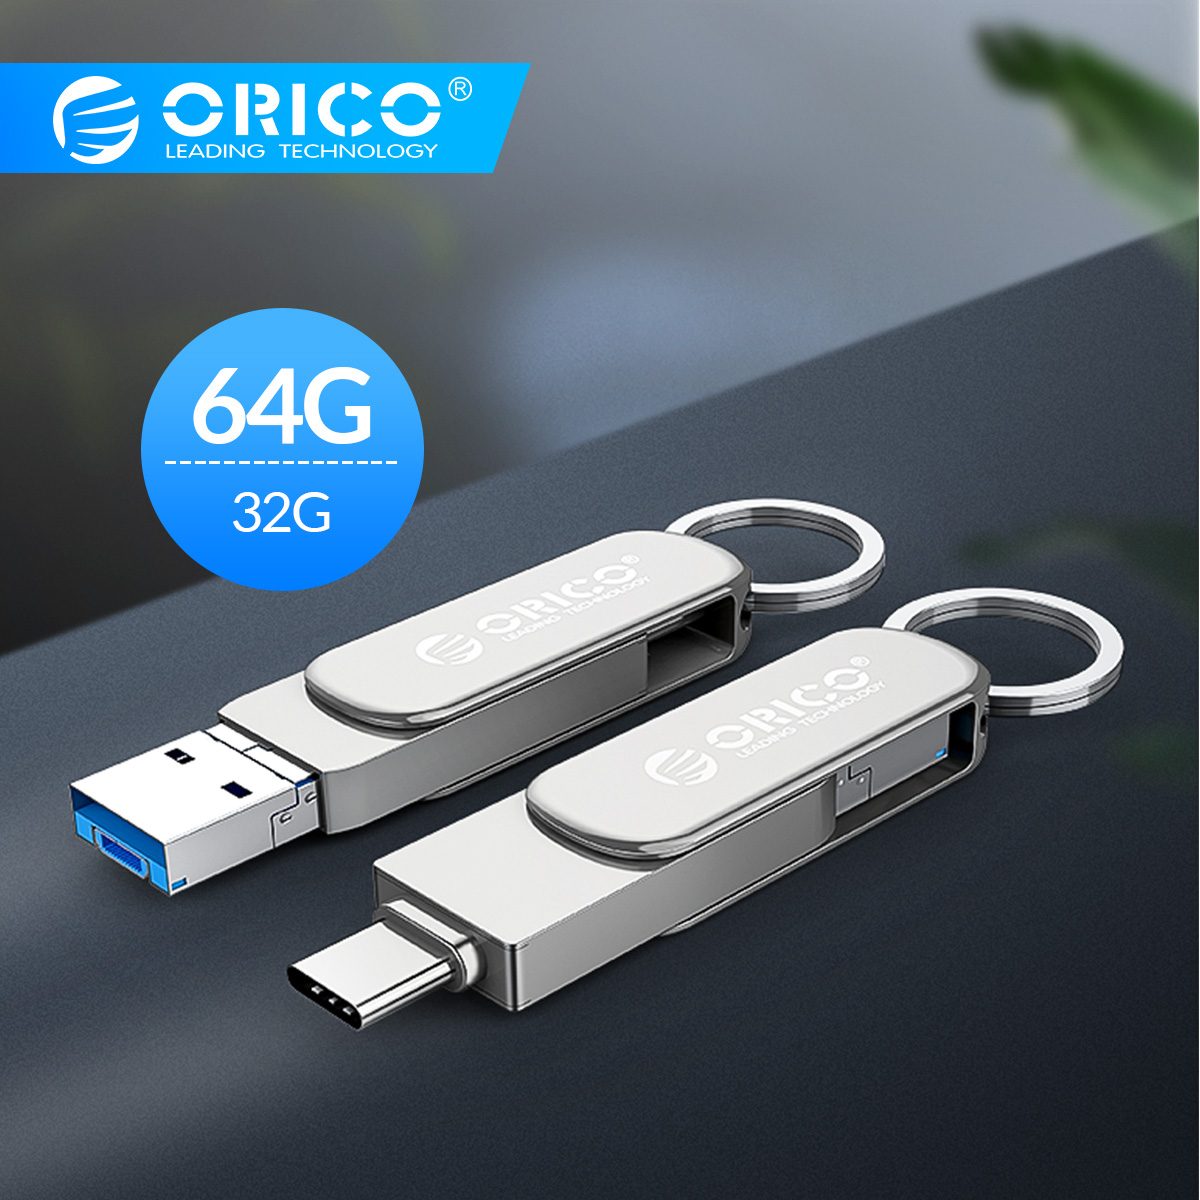 ORICO 3-Em-1 OTG Unidade Flash USB Tipo-C USB3.0 Micro-B 64GB 32GB USB3.0 Flash Memory Stick USB Flash Disk U Para Telefone/Tablet/PC